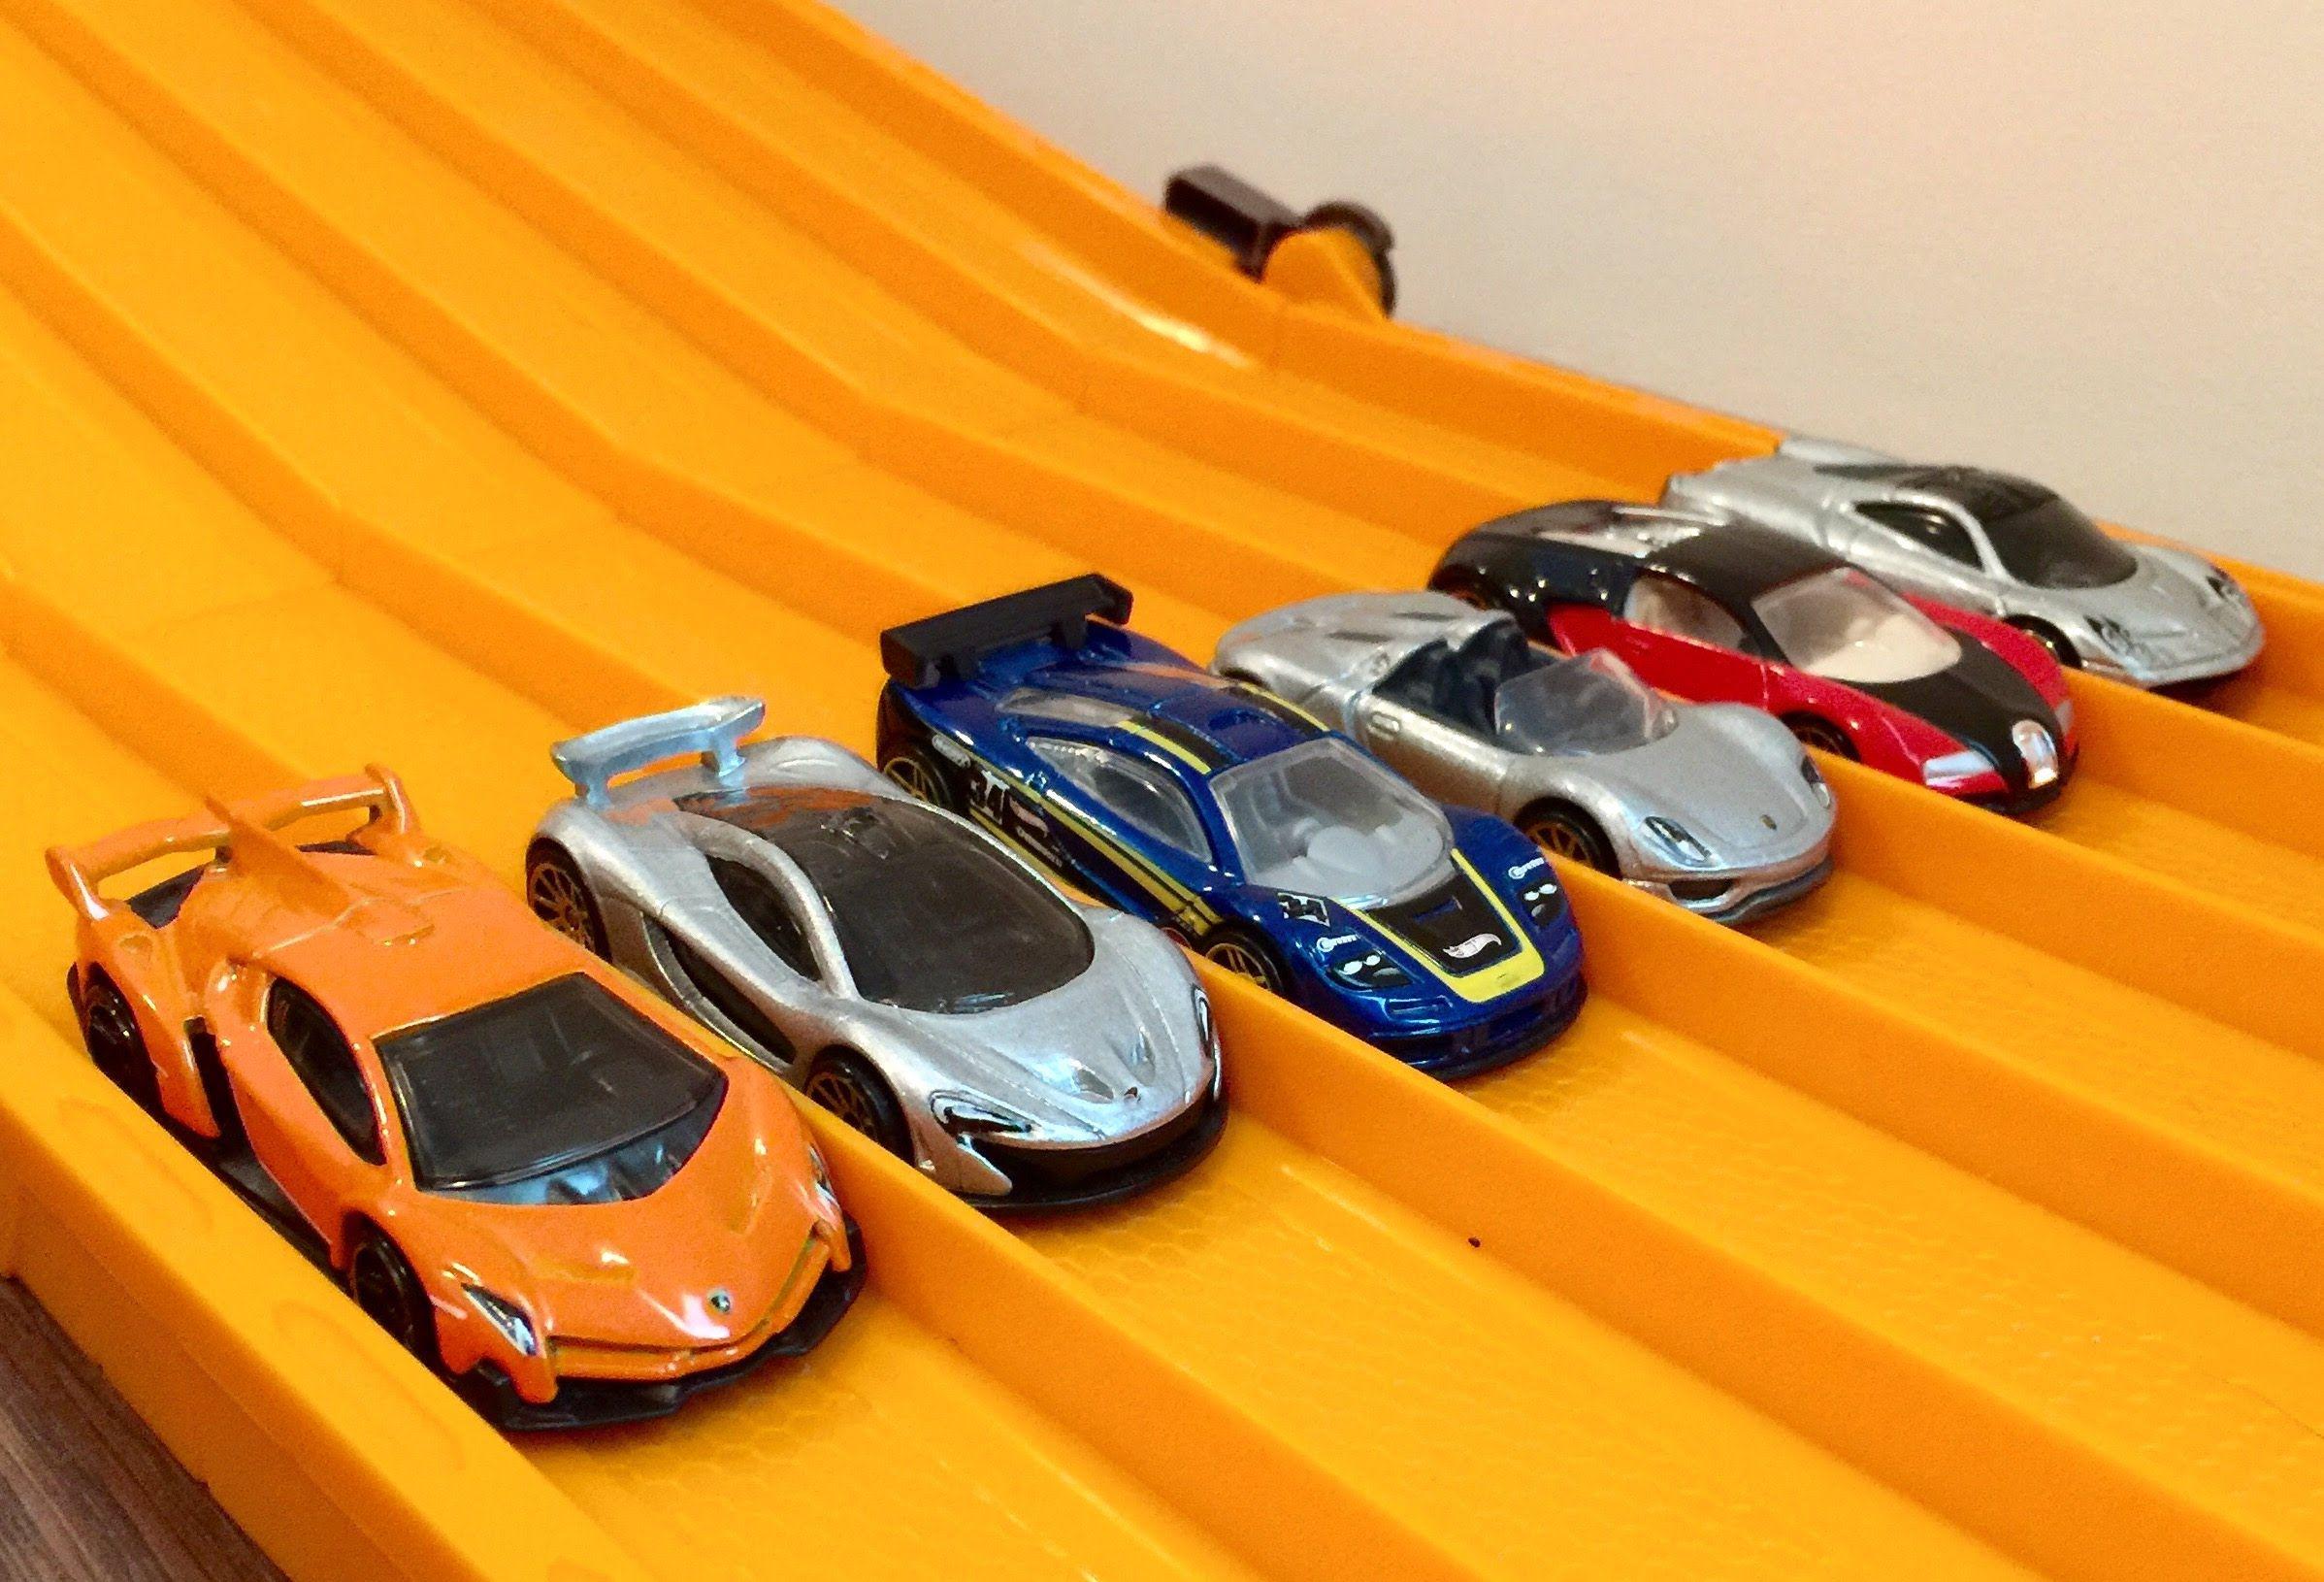 Race Ferrari Vs Lamborghini Vs Porsche Vs Bugatti Vs Mclaren F1 Bugatti Ferrari Lamborghini